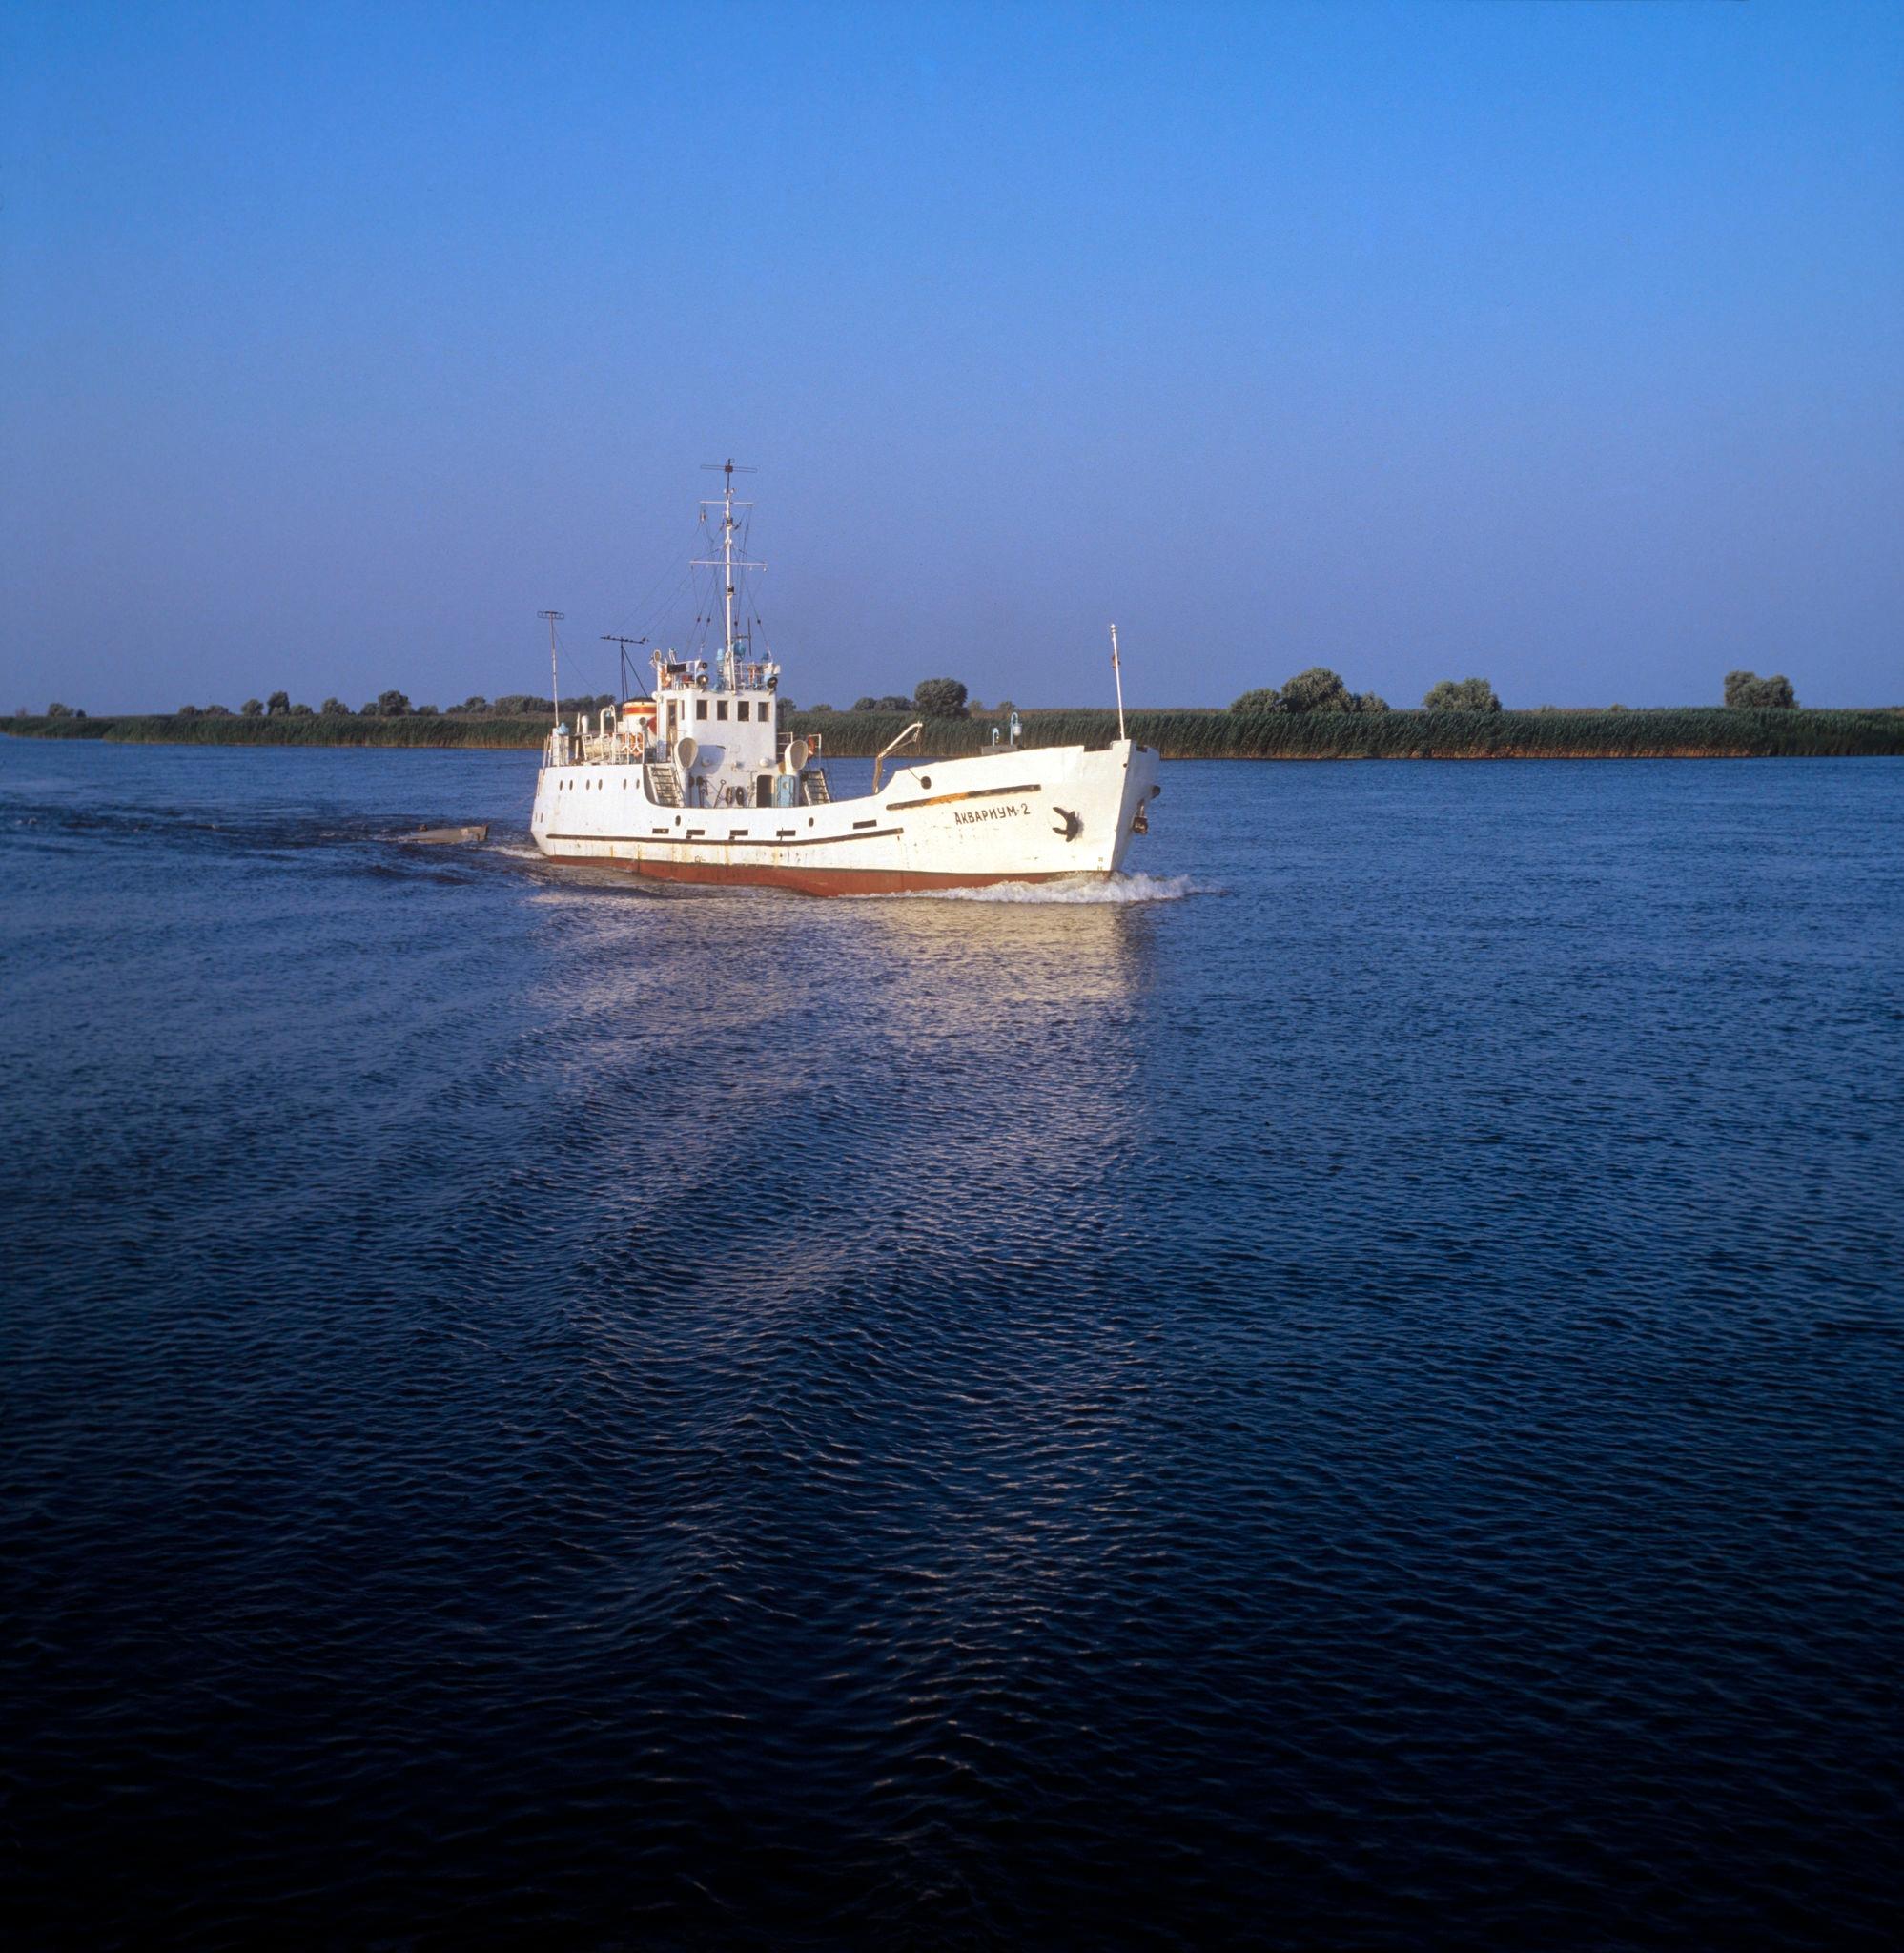 Рыборазведение. Корабль «Аквариум-2» с молодью осетров отправляется в море